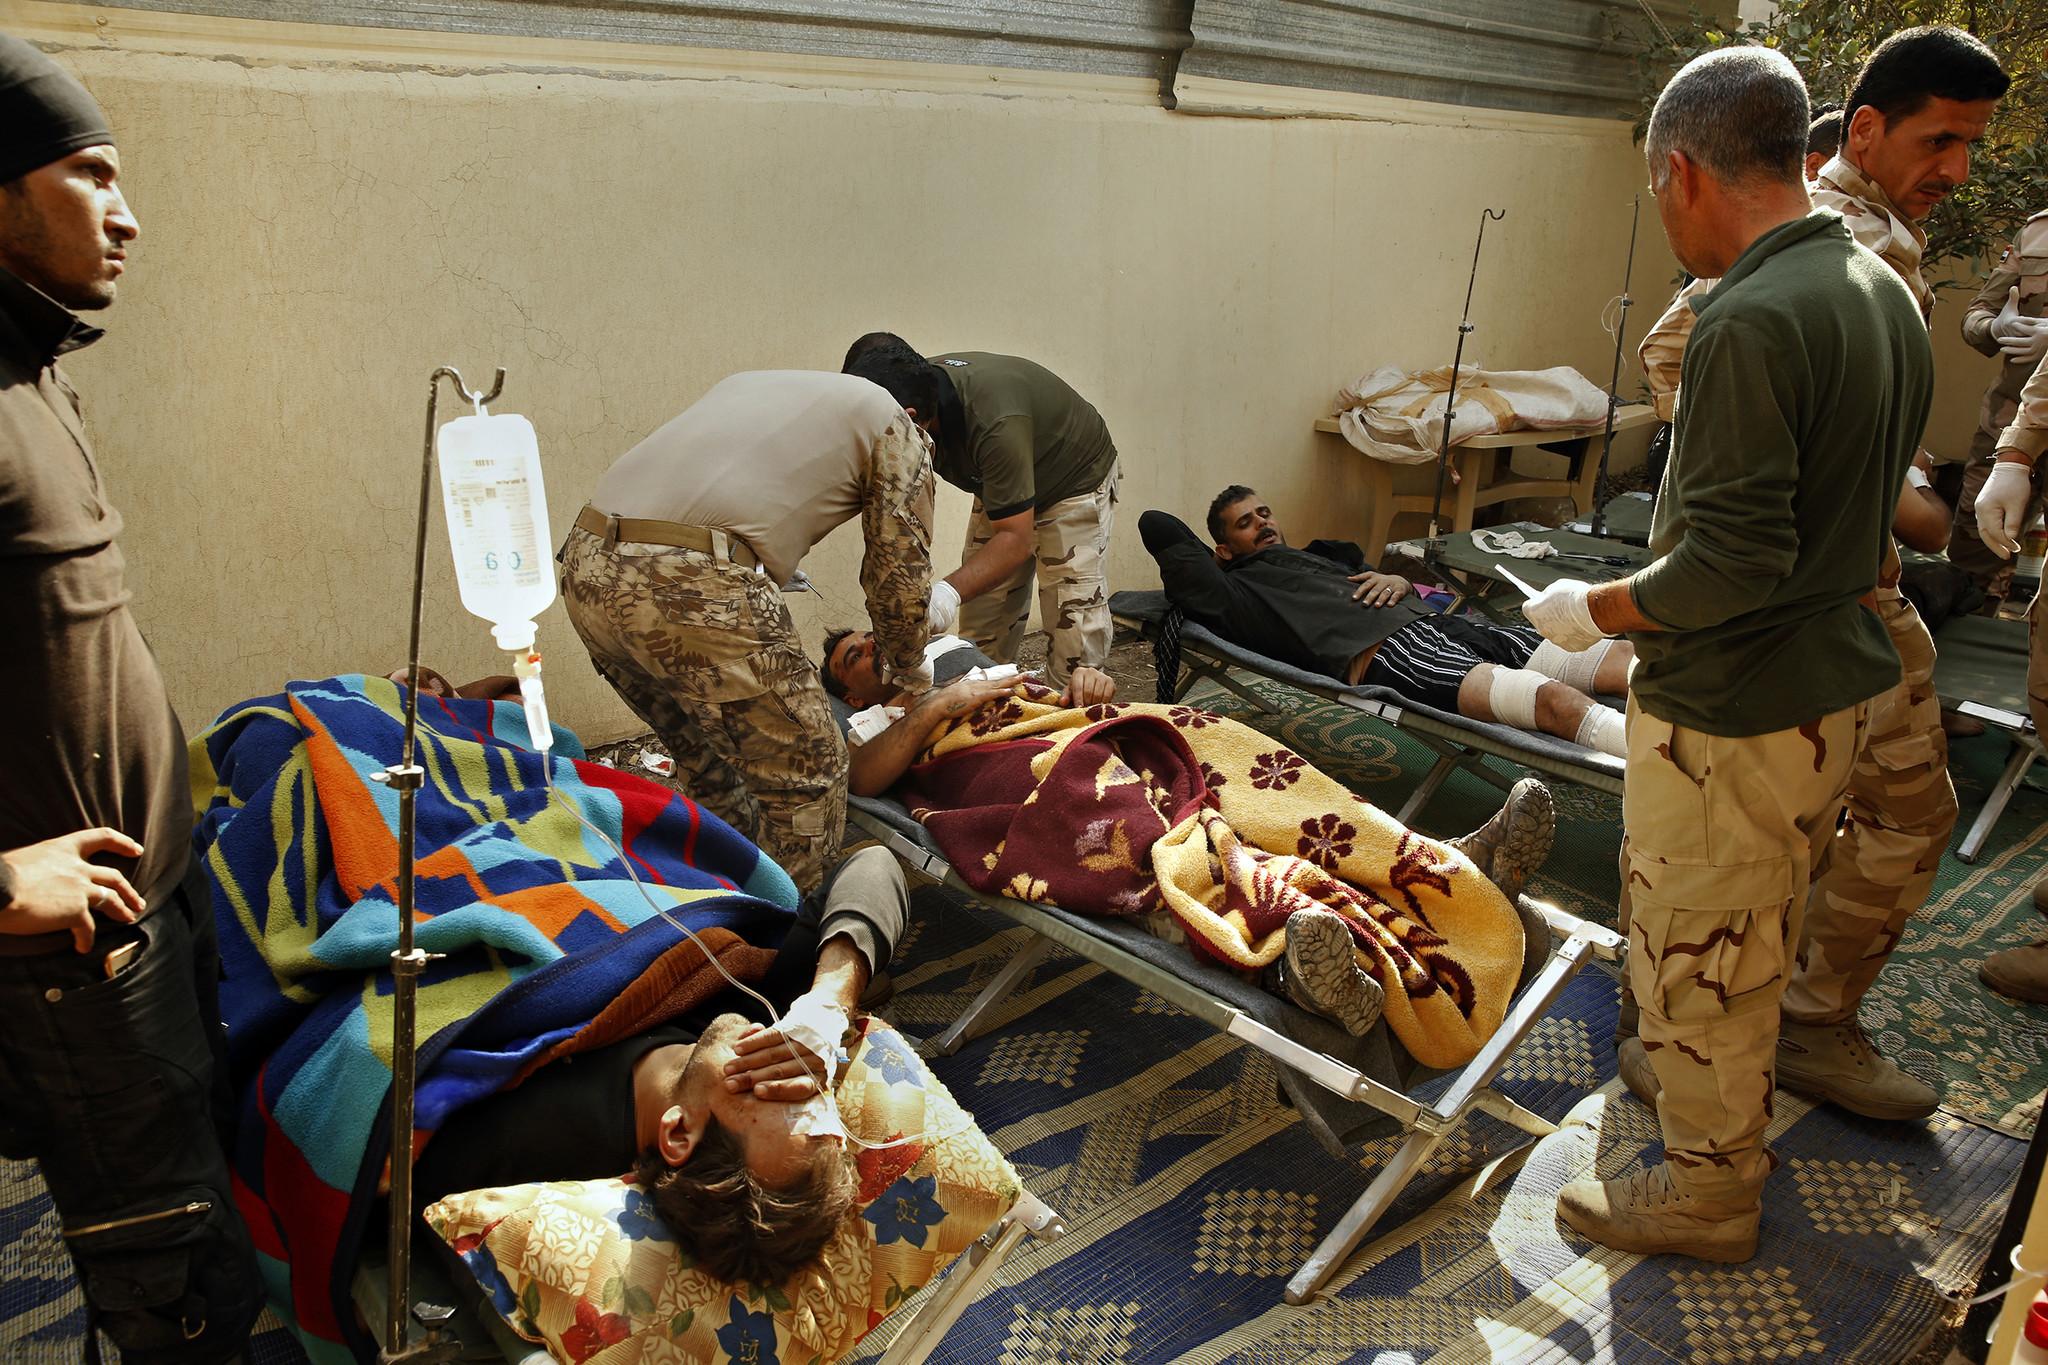 Maj. Gen. Raad Mohssan Dakhel treats a soldier hit by shrapnel from a car bomb.